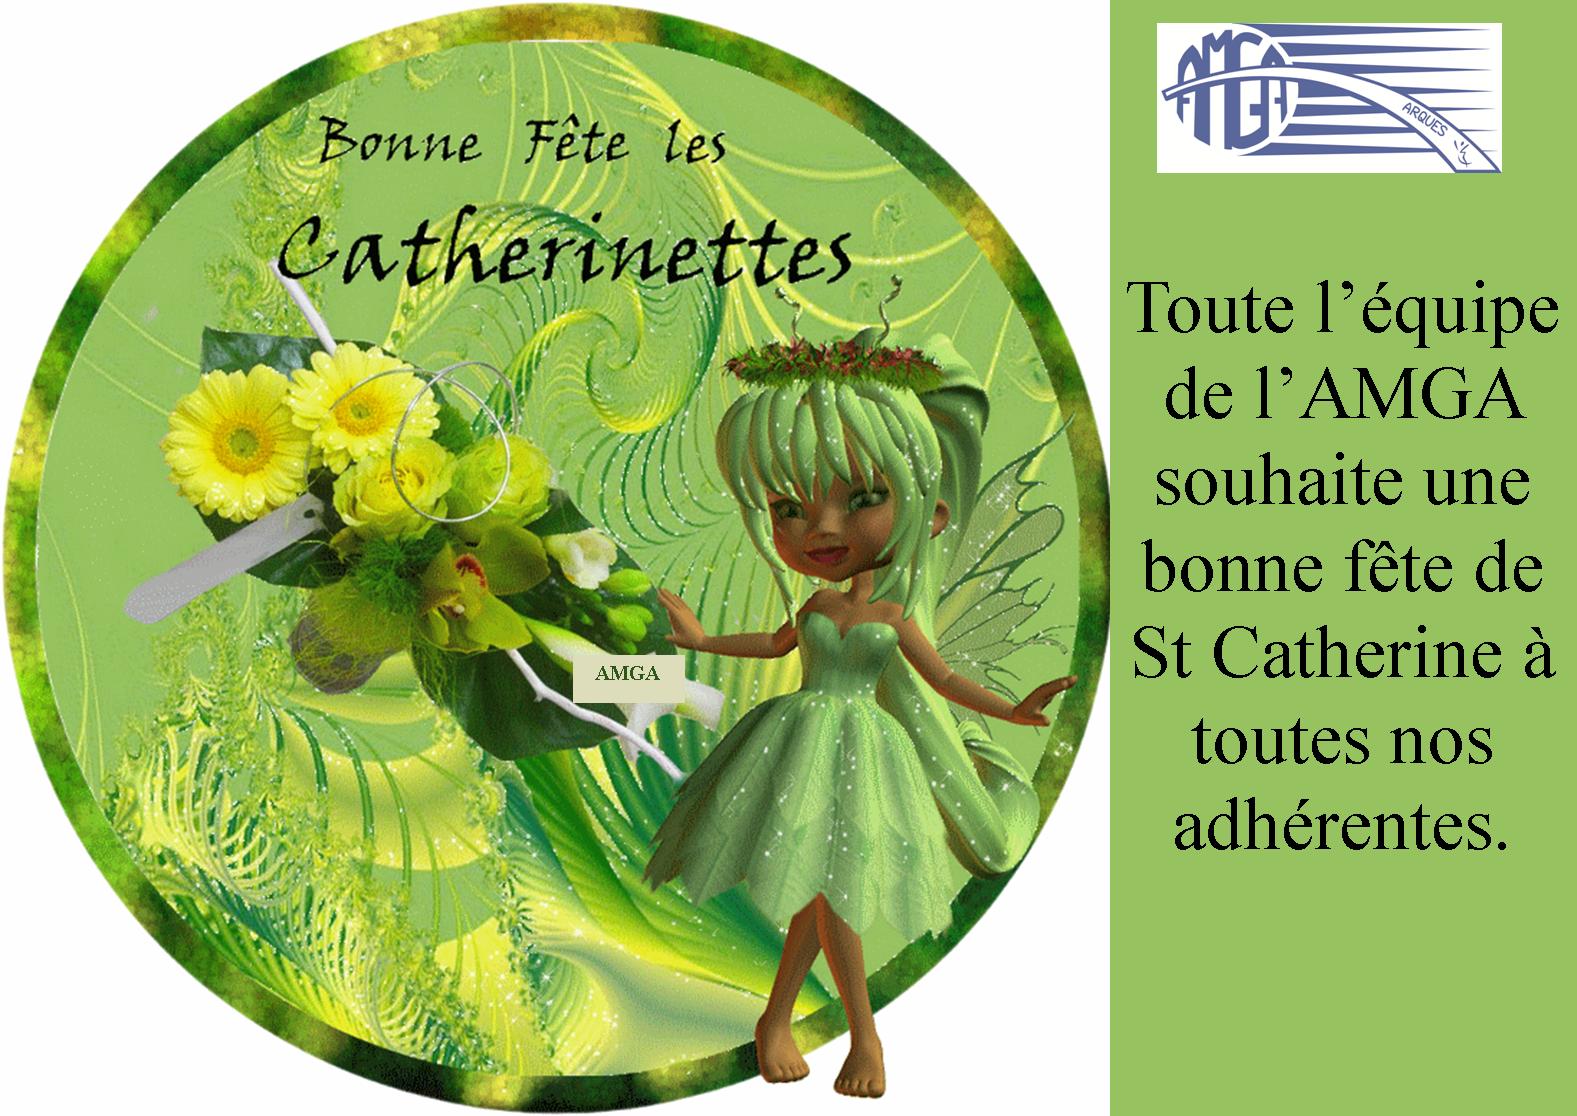 Bonne Fête de Ste Catherine